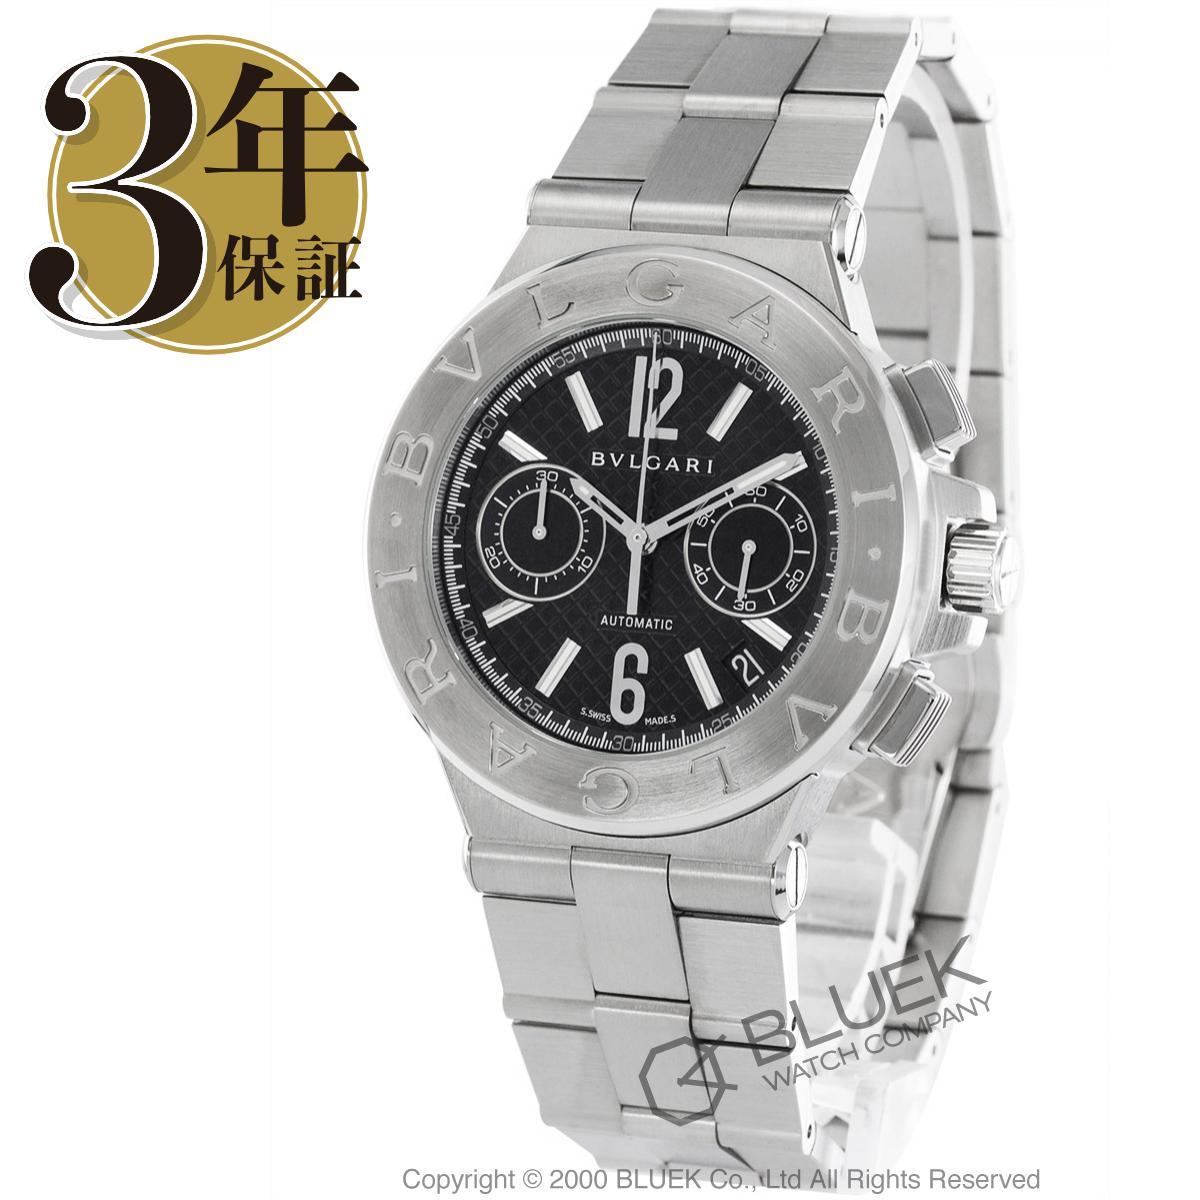 ブルガリ ディアゴノ クロノグラフ 腕時計 メンズ BVLGARI DG40BSSDCH_8